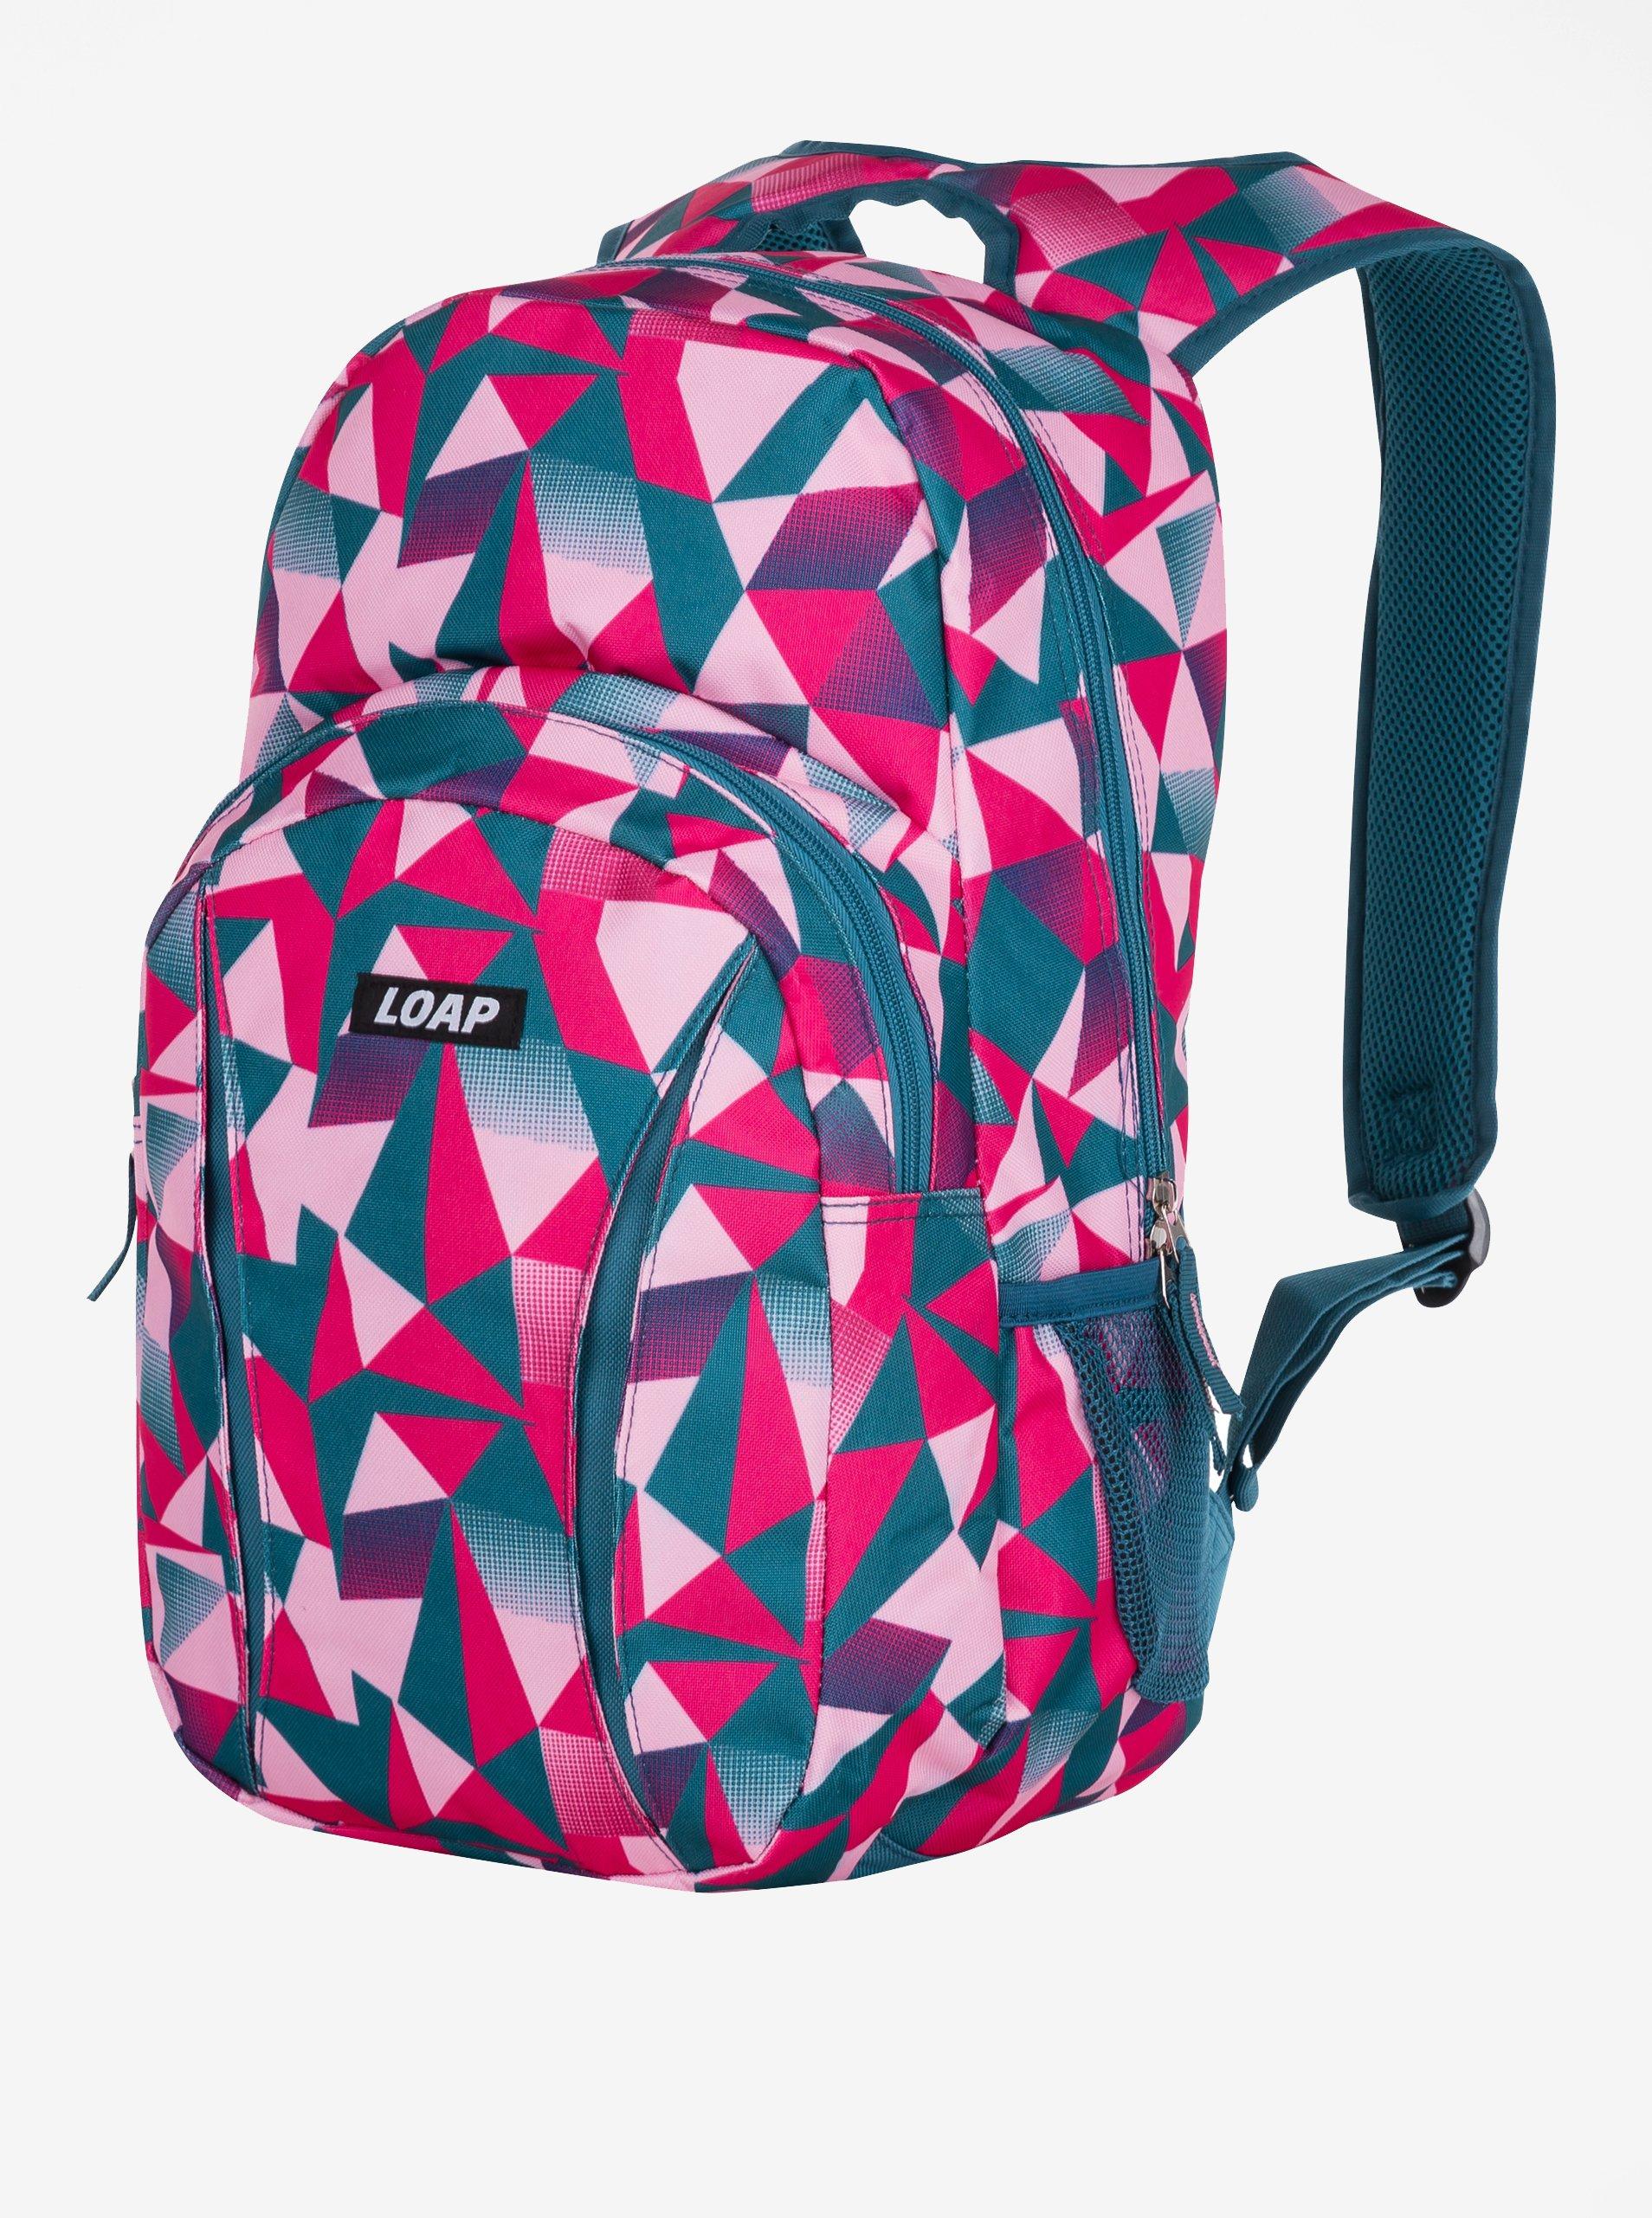 6684cca862b4 Petrolejovo-ružový vzorovaný batoh LOAP Asso 20 l